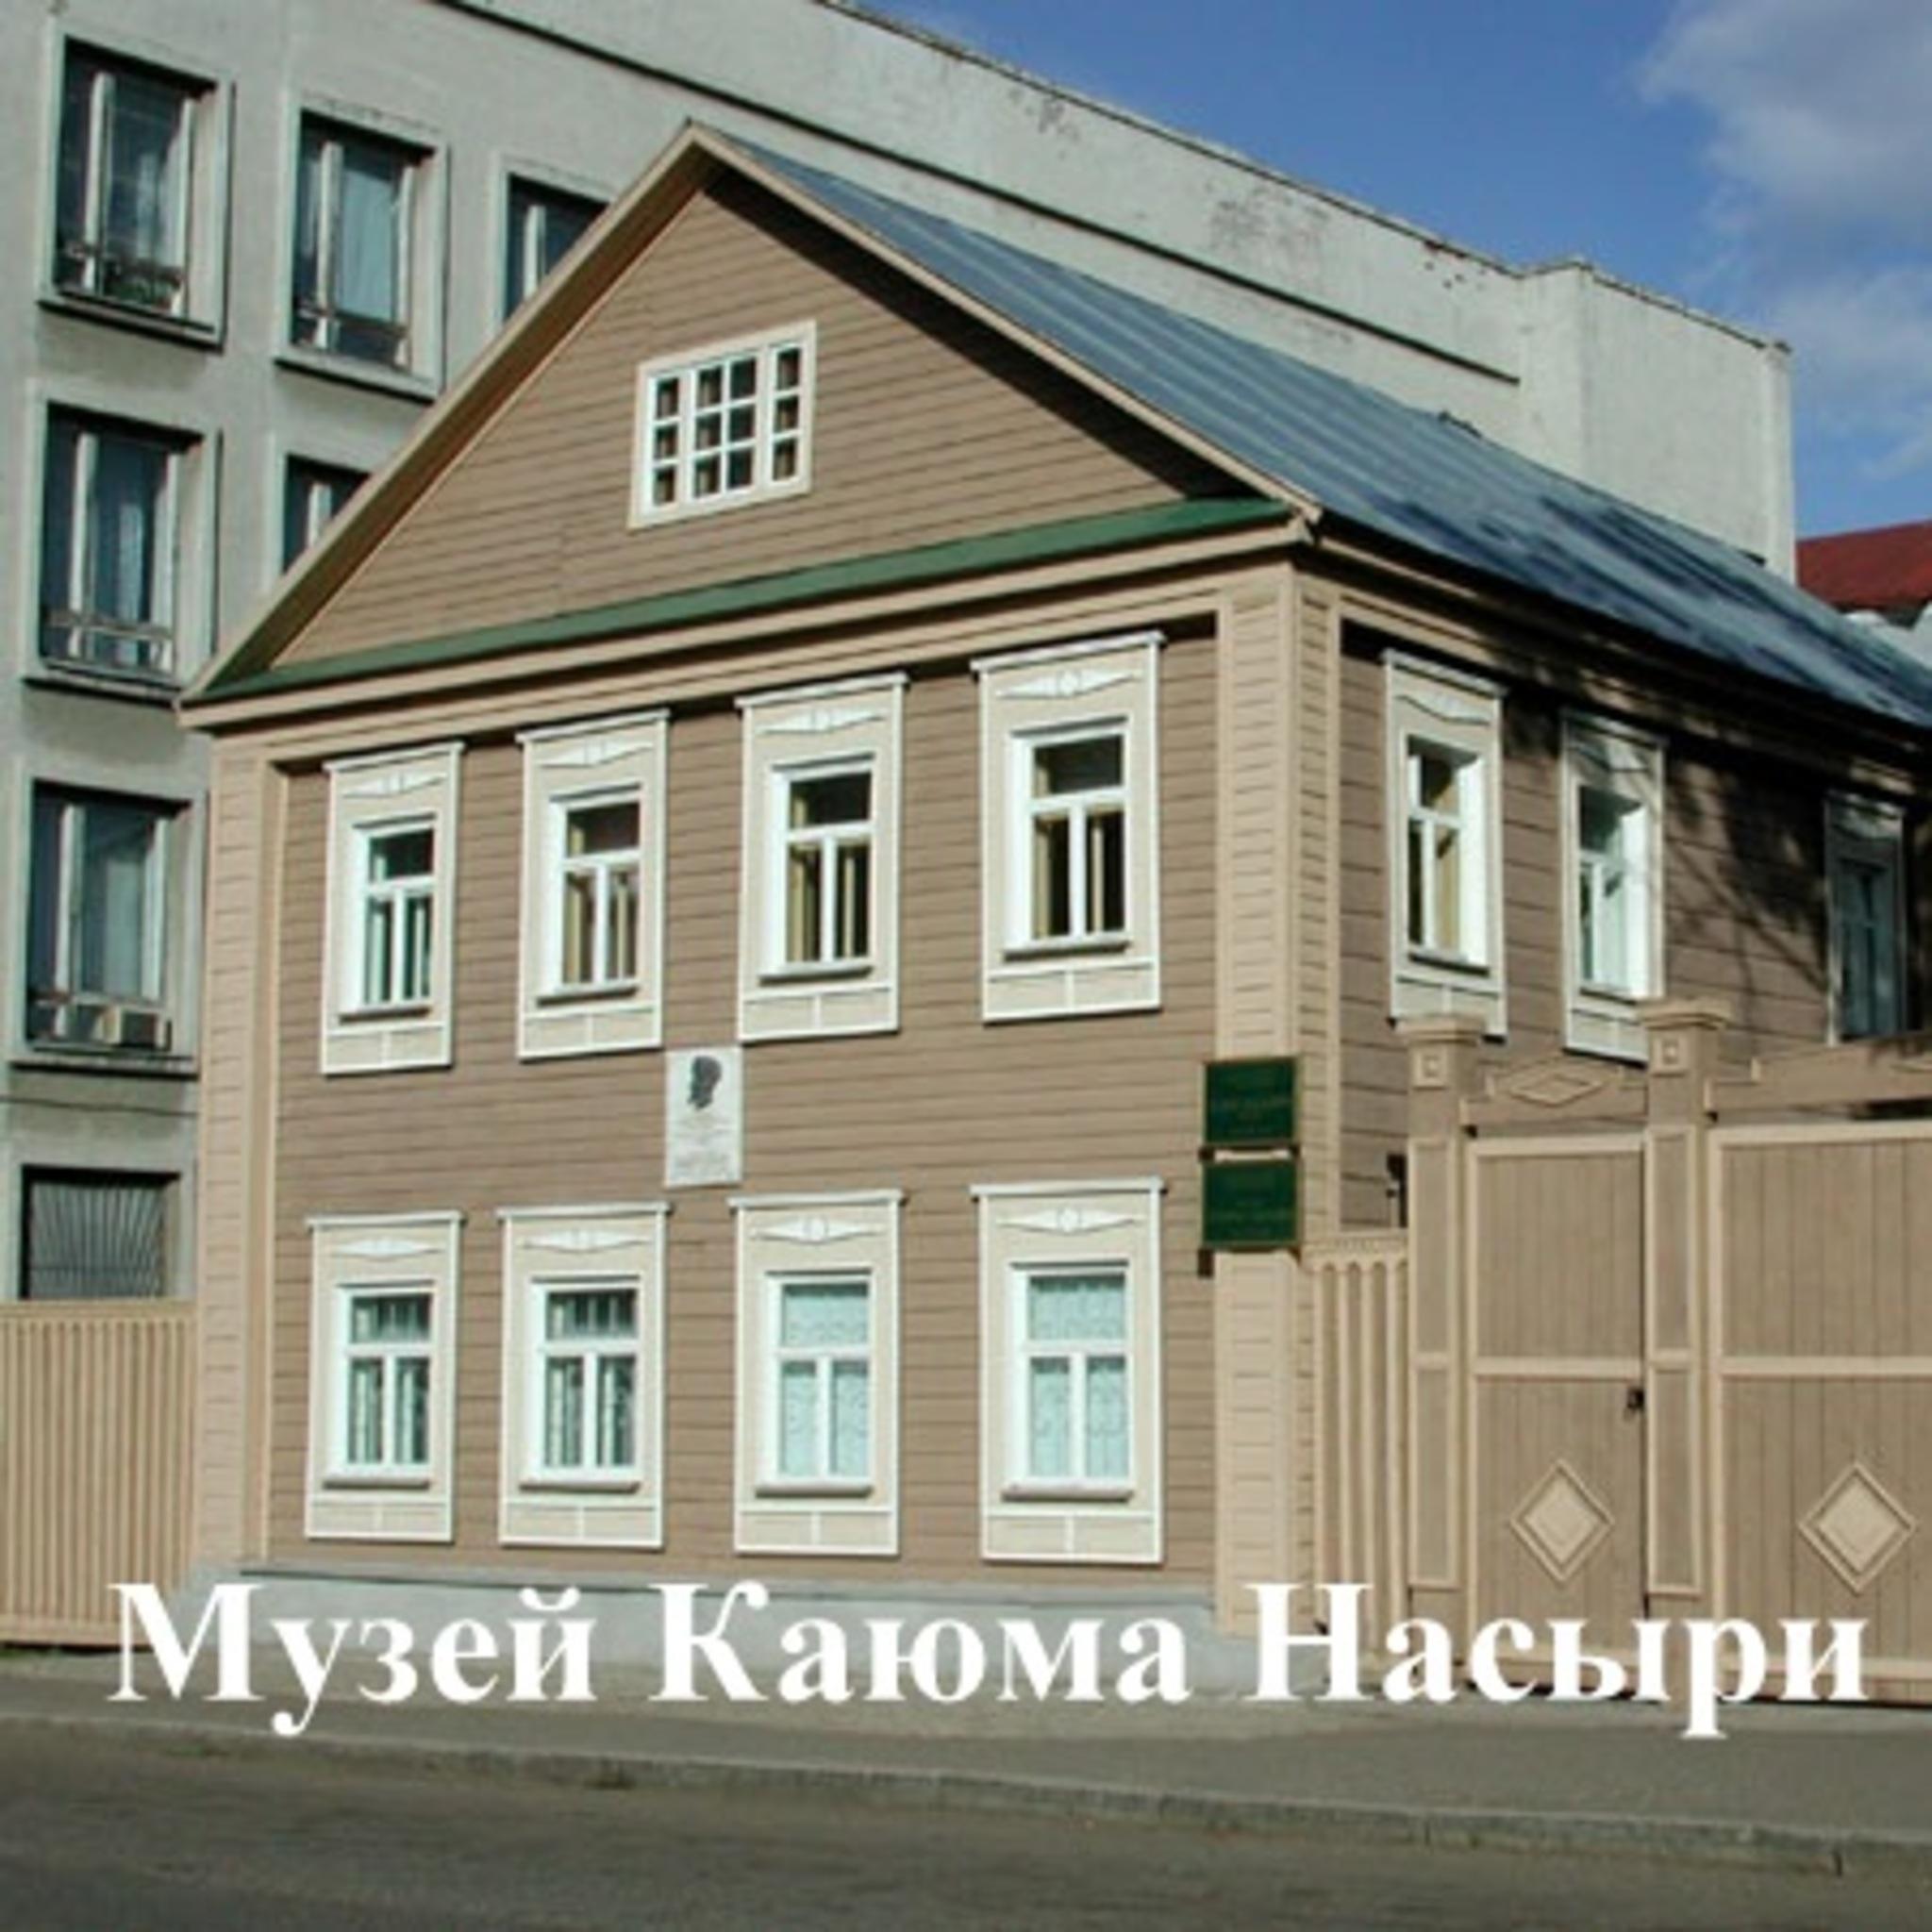 Музей Каюма Насыри